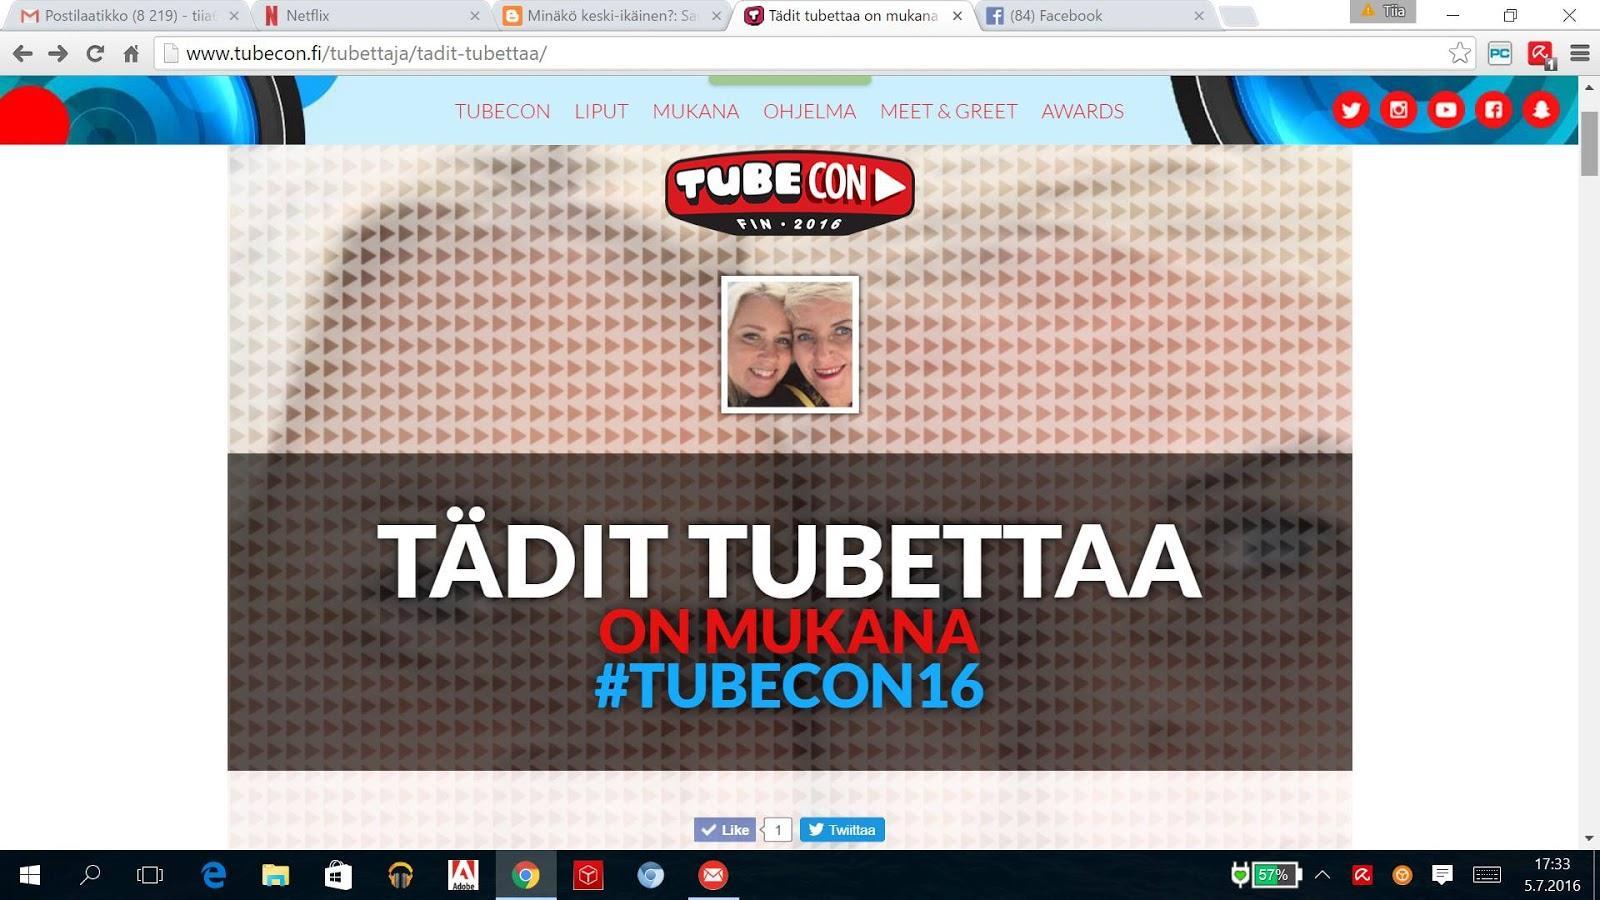 Päihittääkö vlogit kohta blogit, tänään Tubeconiin!